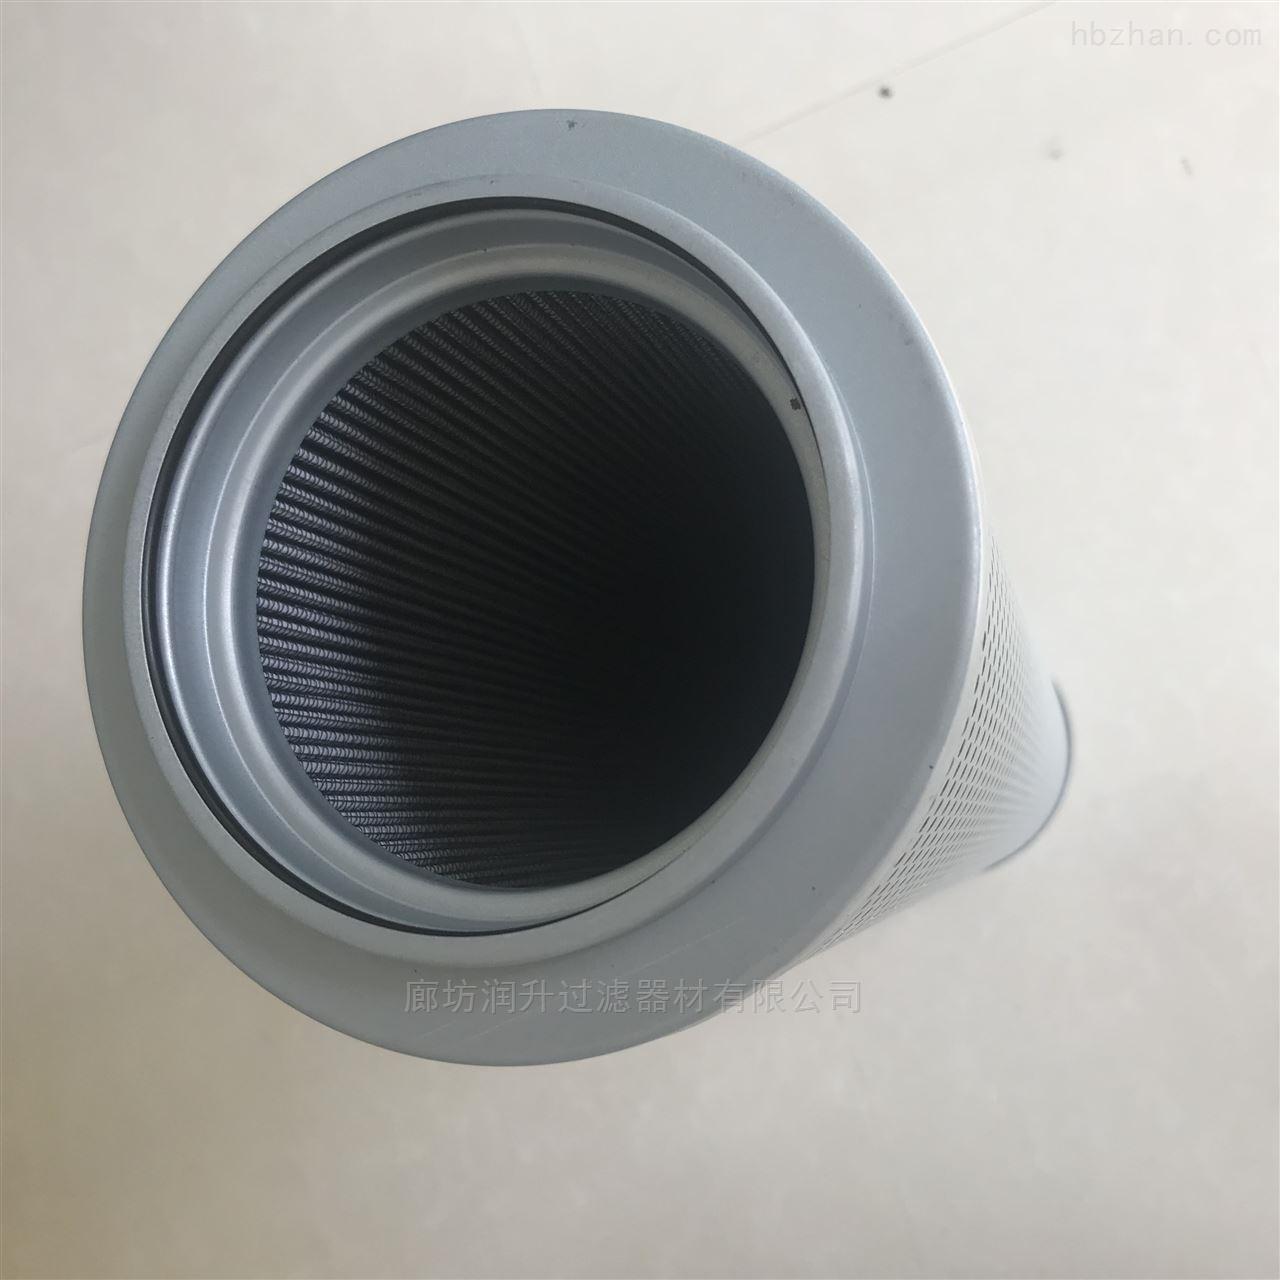 焦作DFM40PP005A01滤芯报价